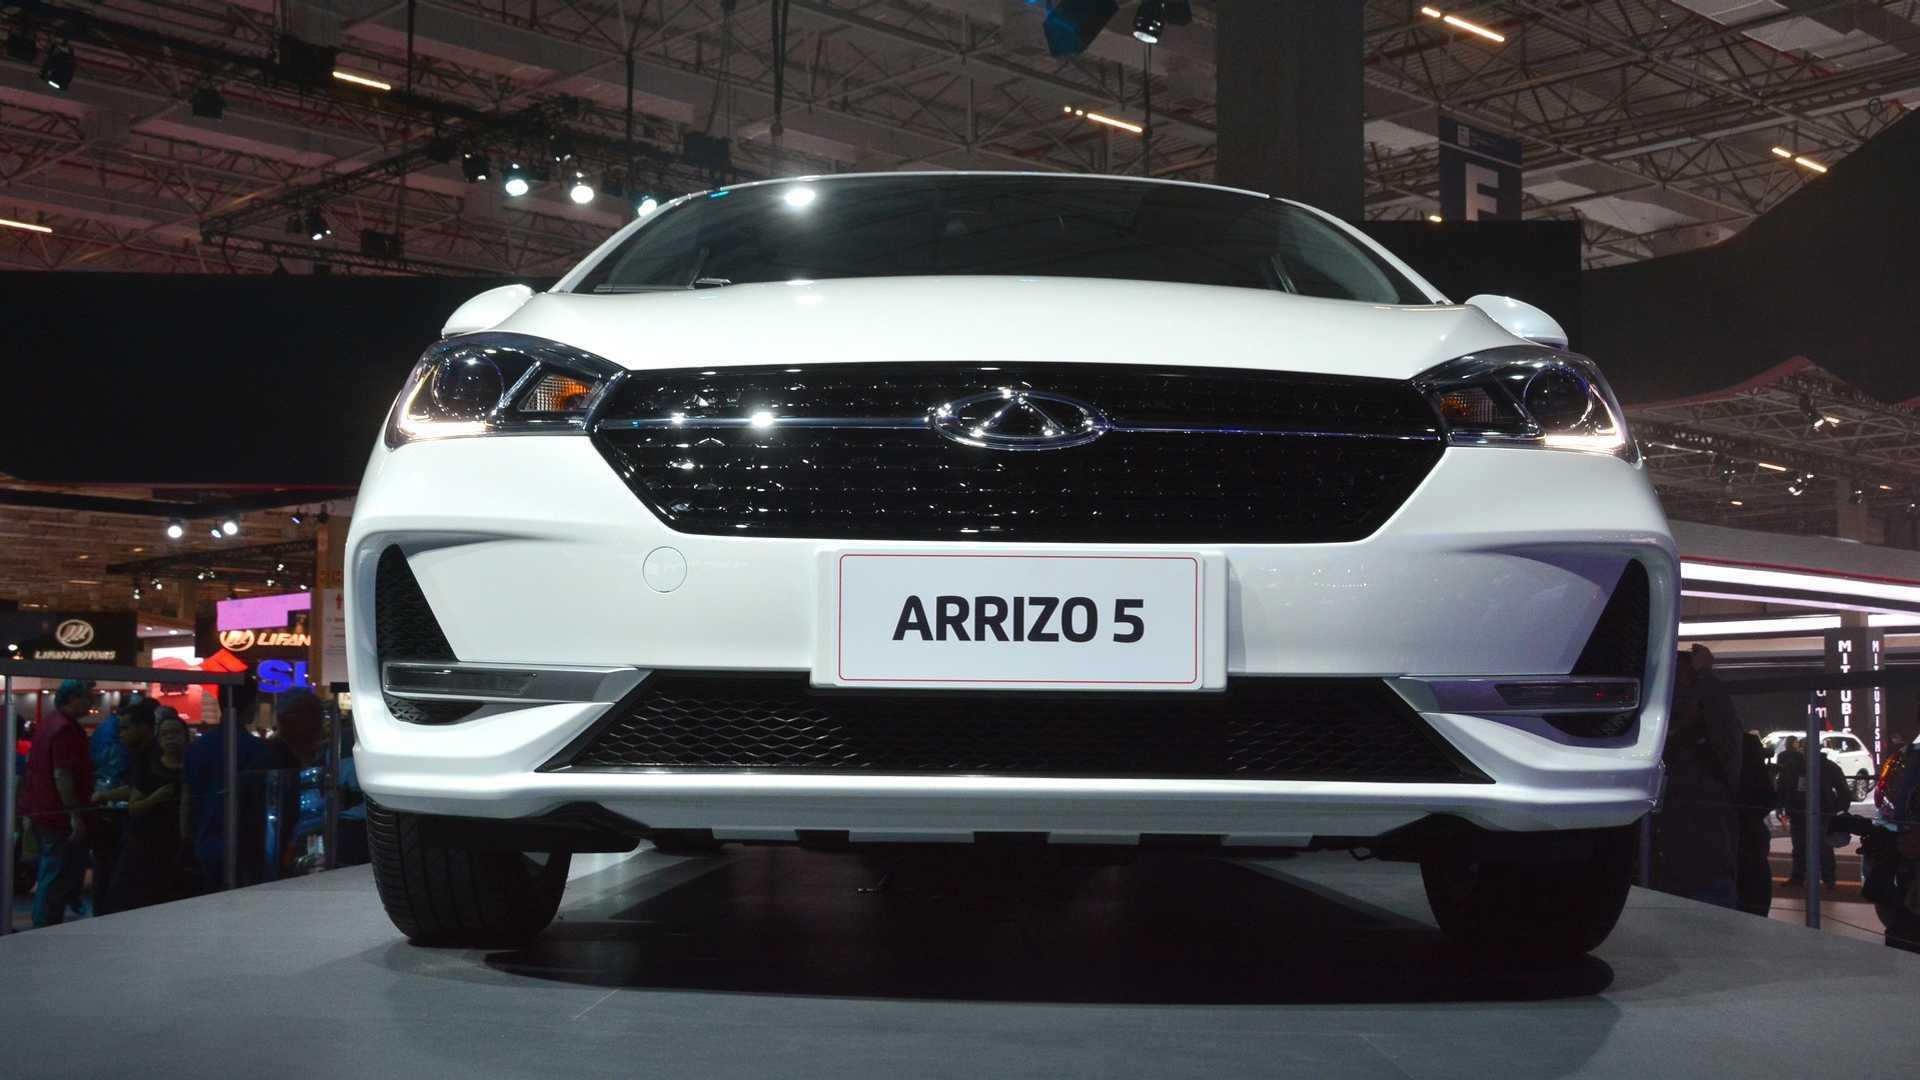 Salão de SP: Chery Arrizo 5 chega ao Brasil a partir de R$ 65.990 Chery-arrizo-5-salao-do-automovel